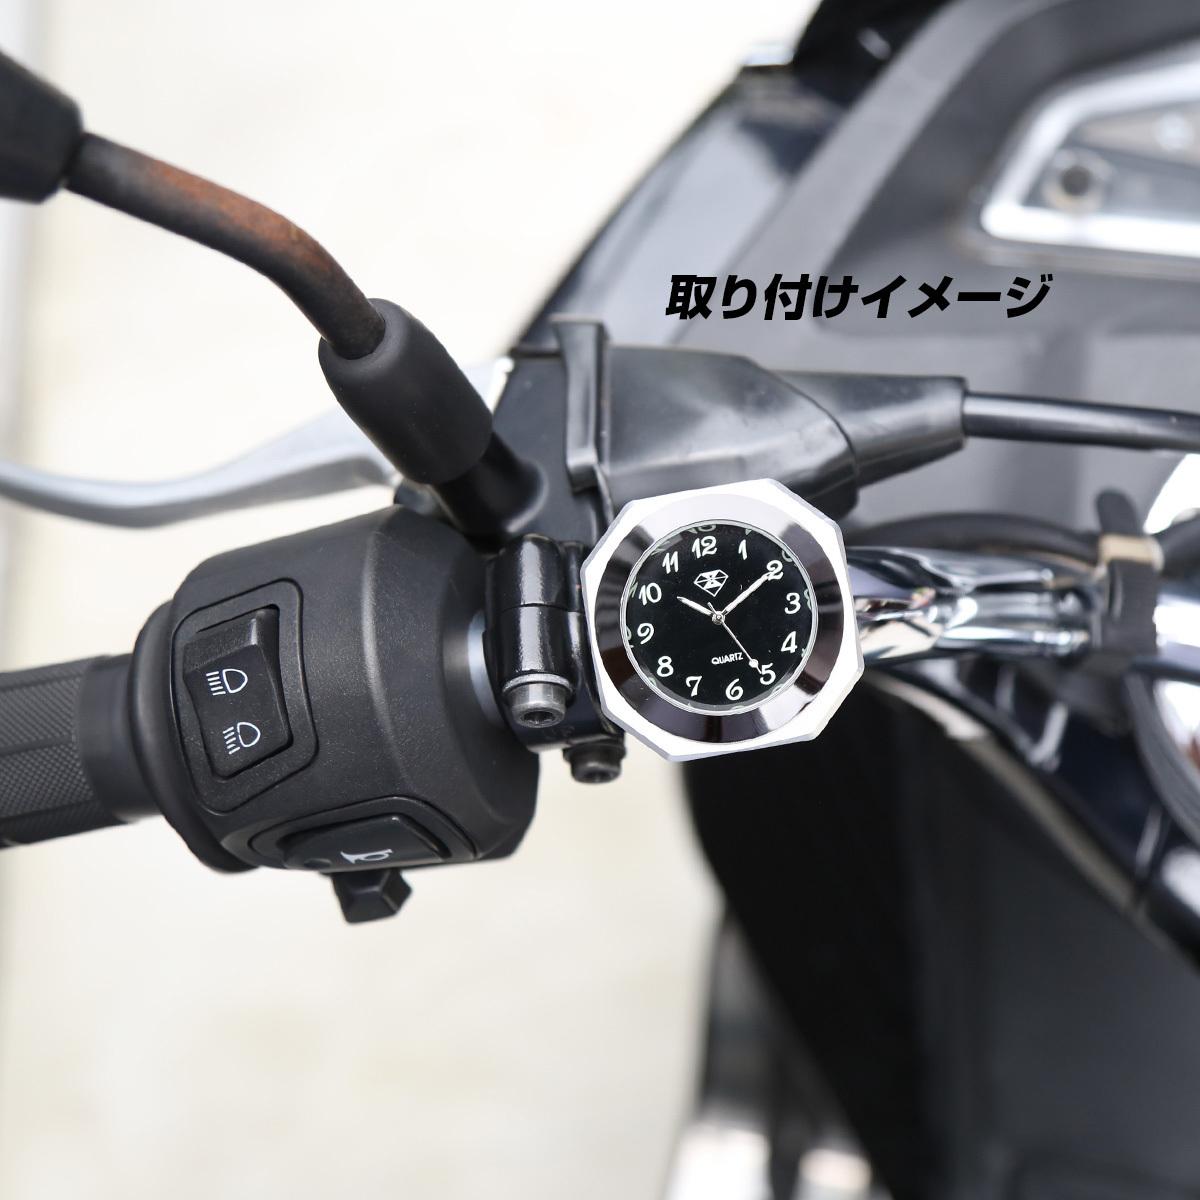 バイク用 アナログ時計 レッド 夜光 ハンドル取付 アルミCNC削り出し 自転車 バーマウント 生活防水 S-766R_画像5